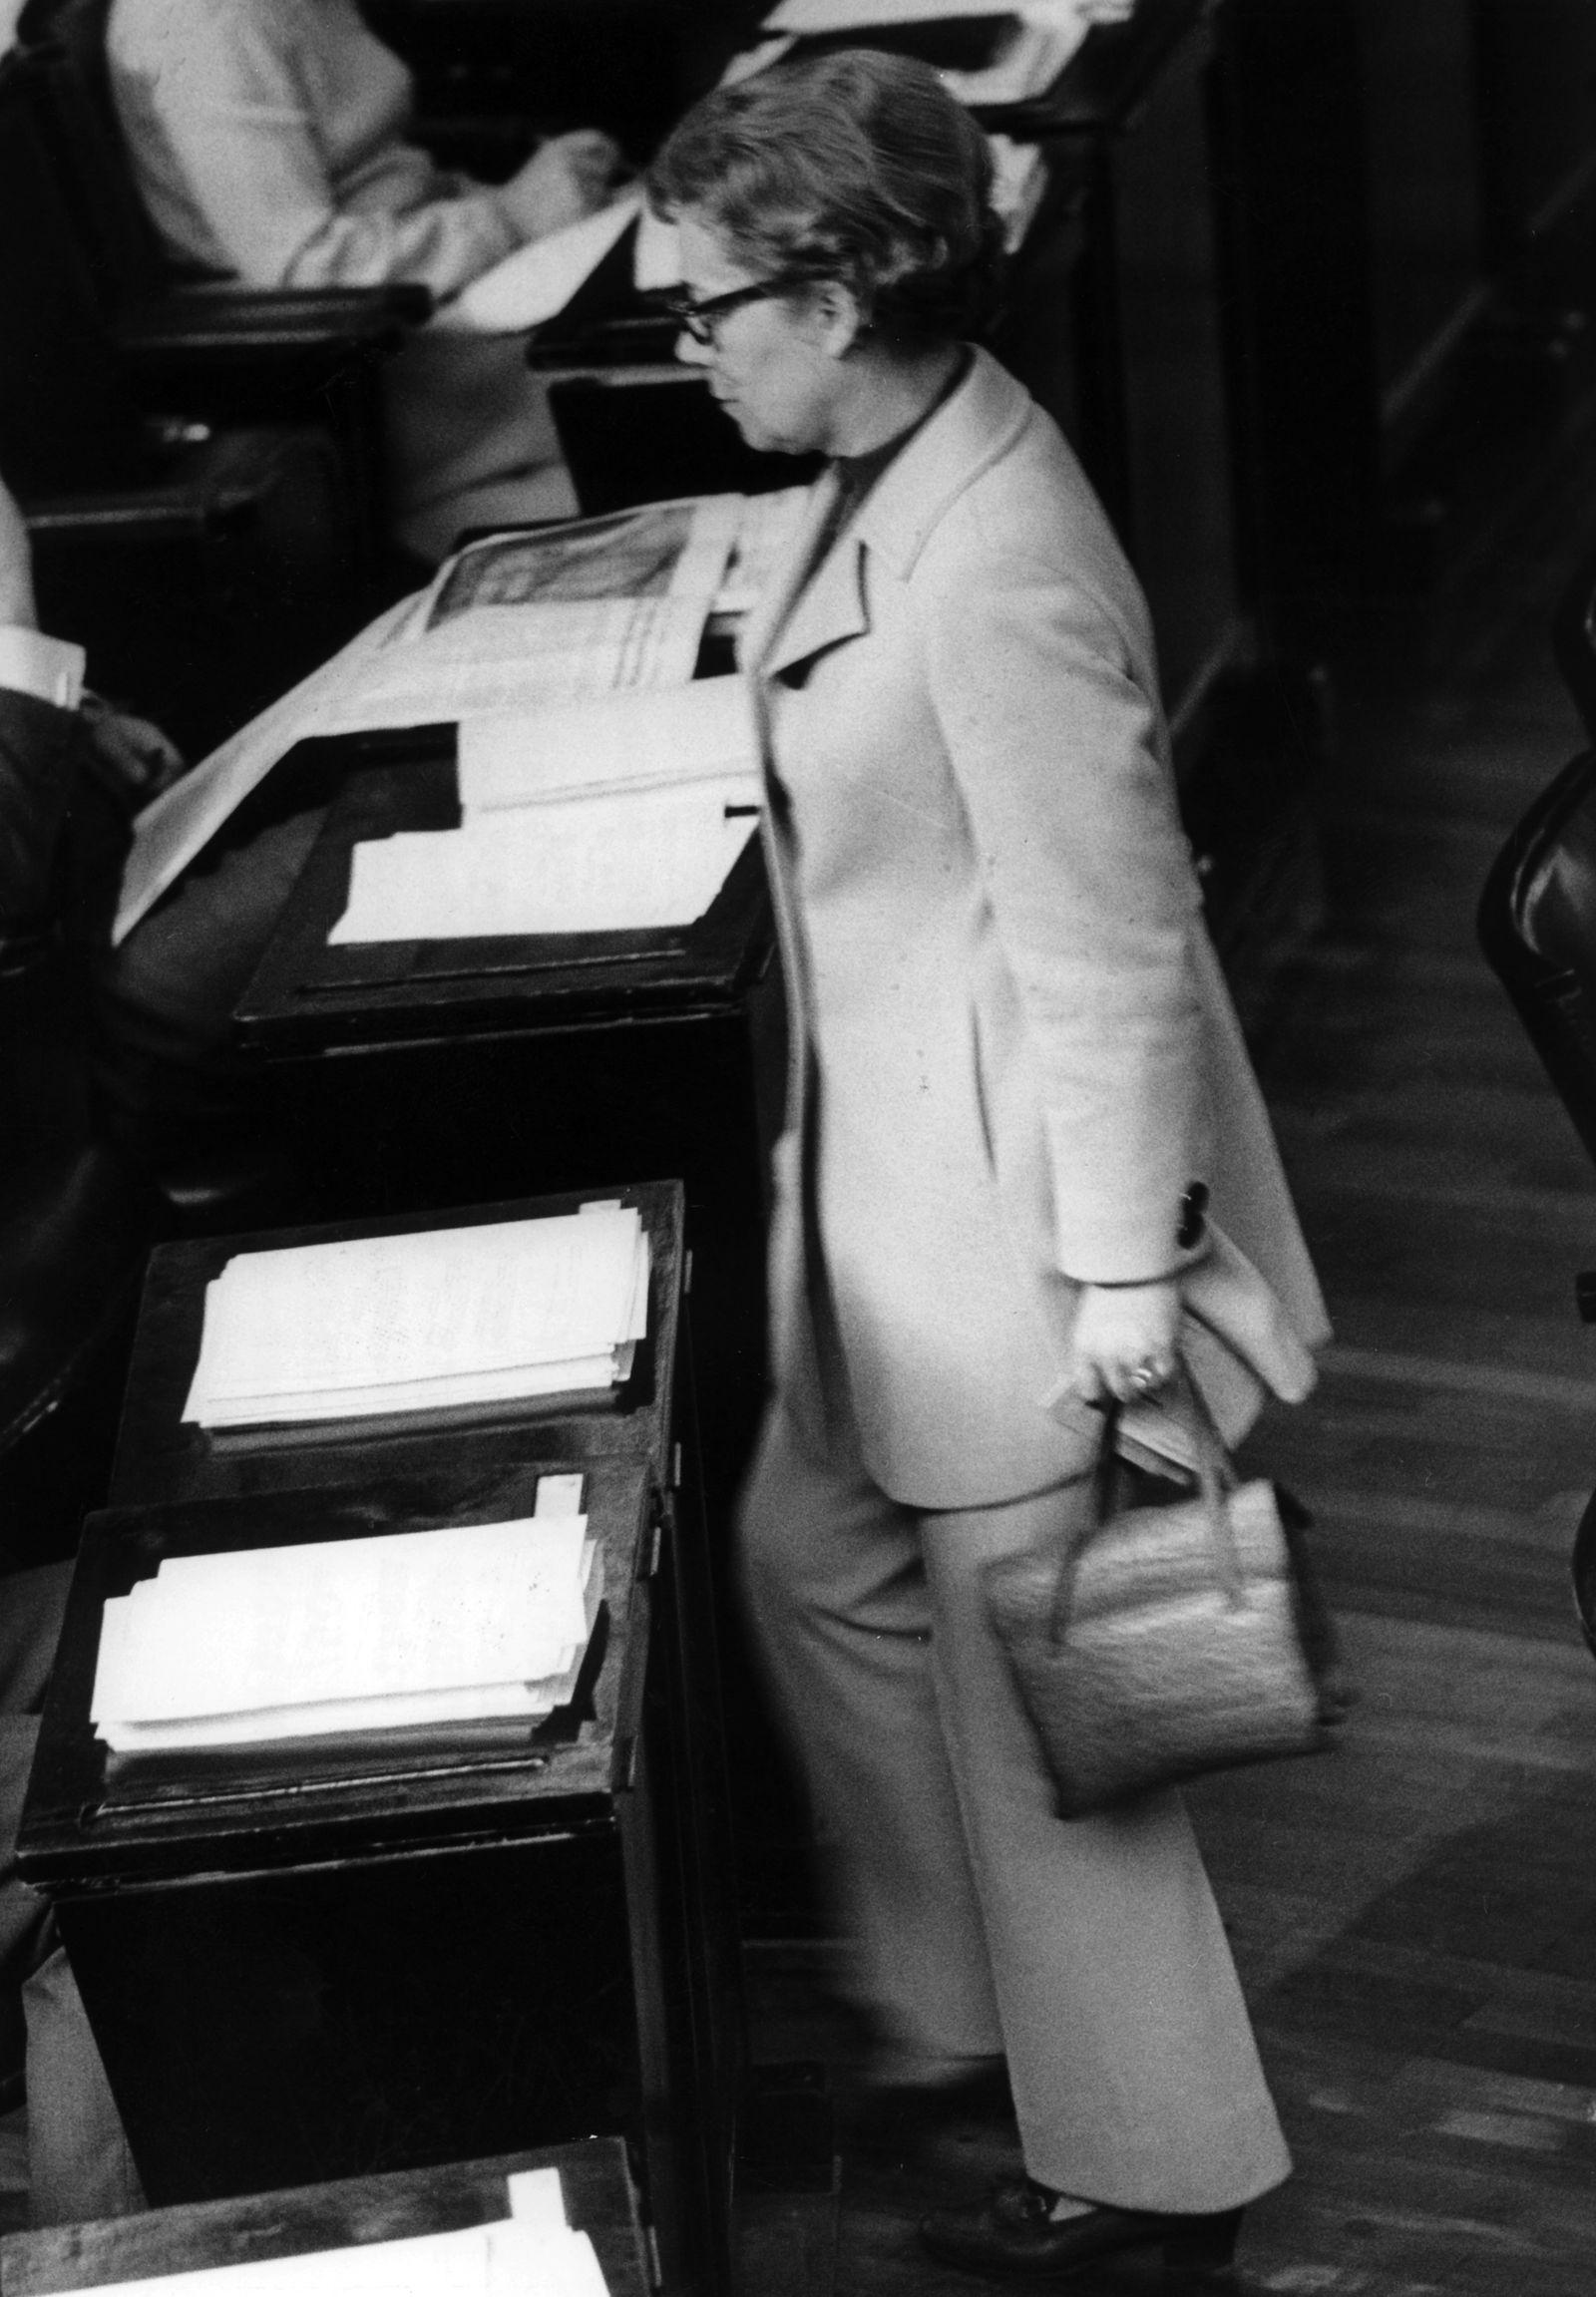 100 Jahre Frauenwahlrecht - Mode im Bundestag